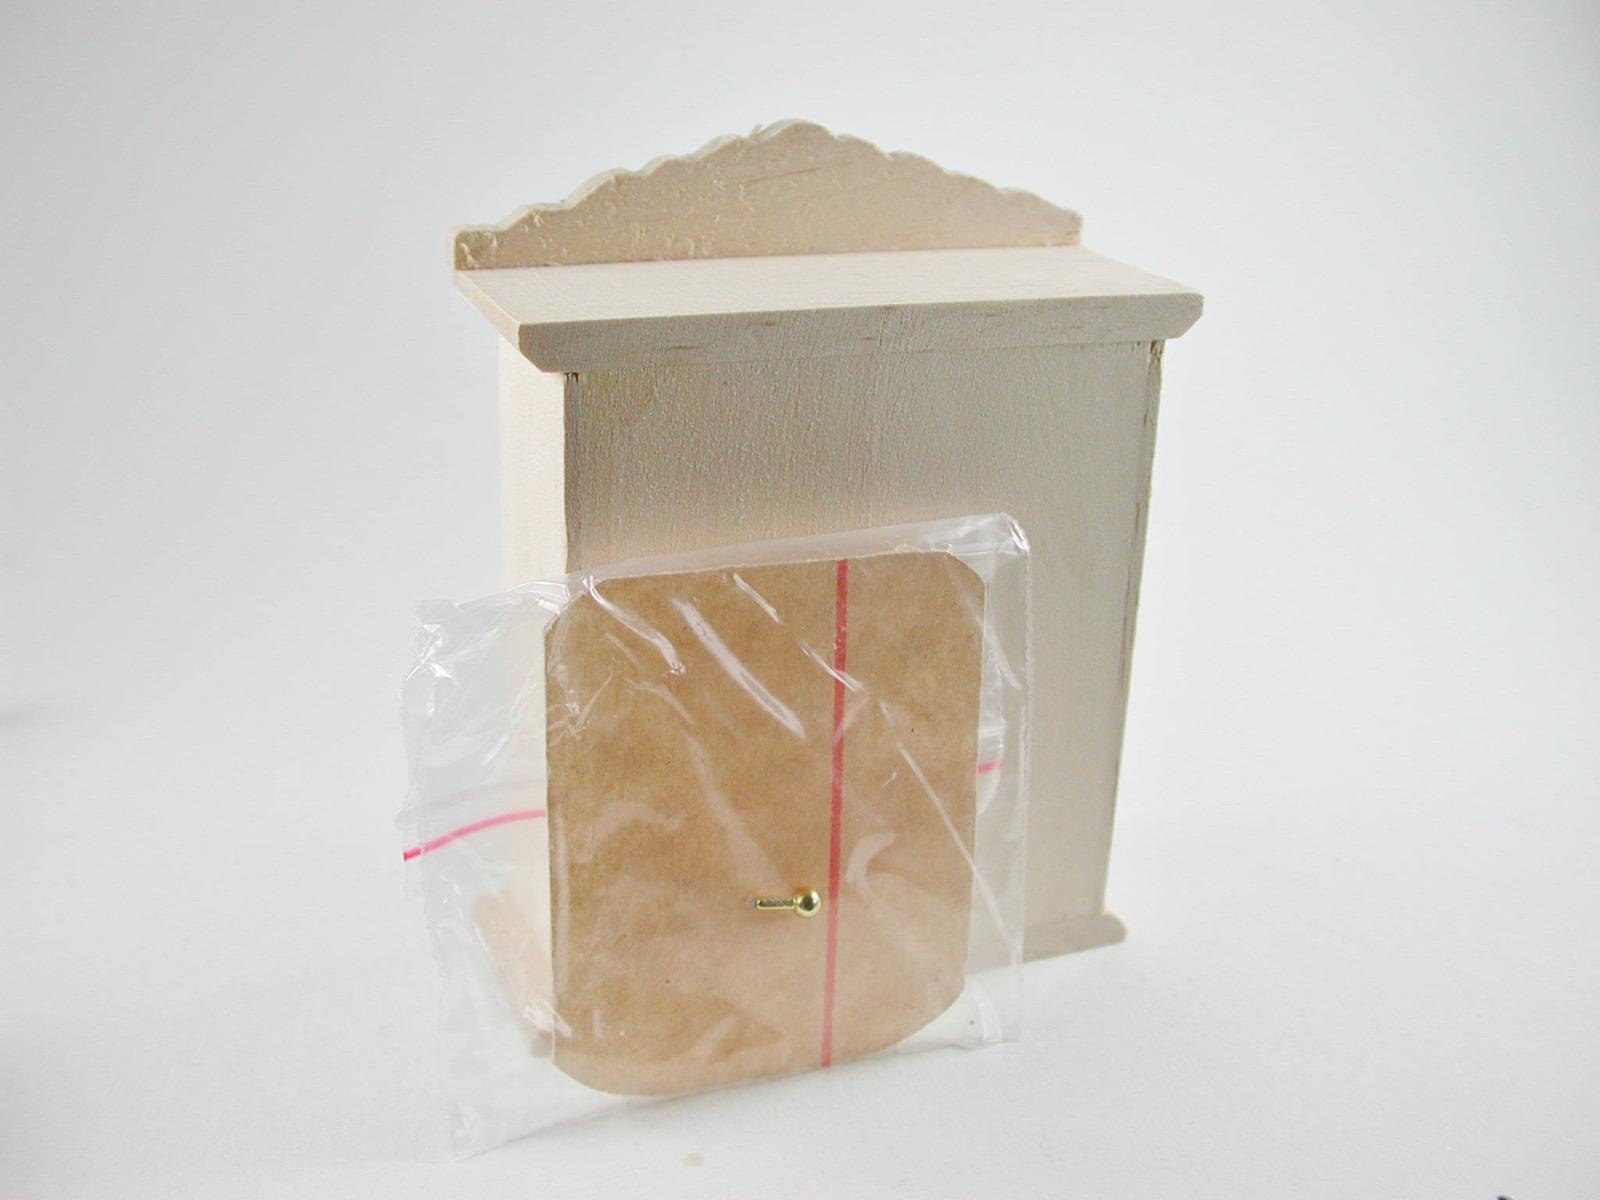 Hängeschrank für die Puppenstube das Puppenhaus